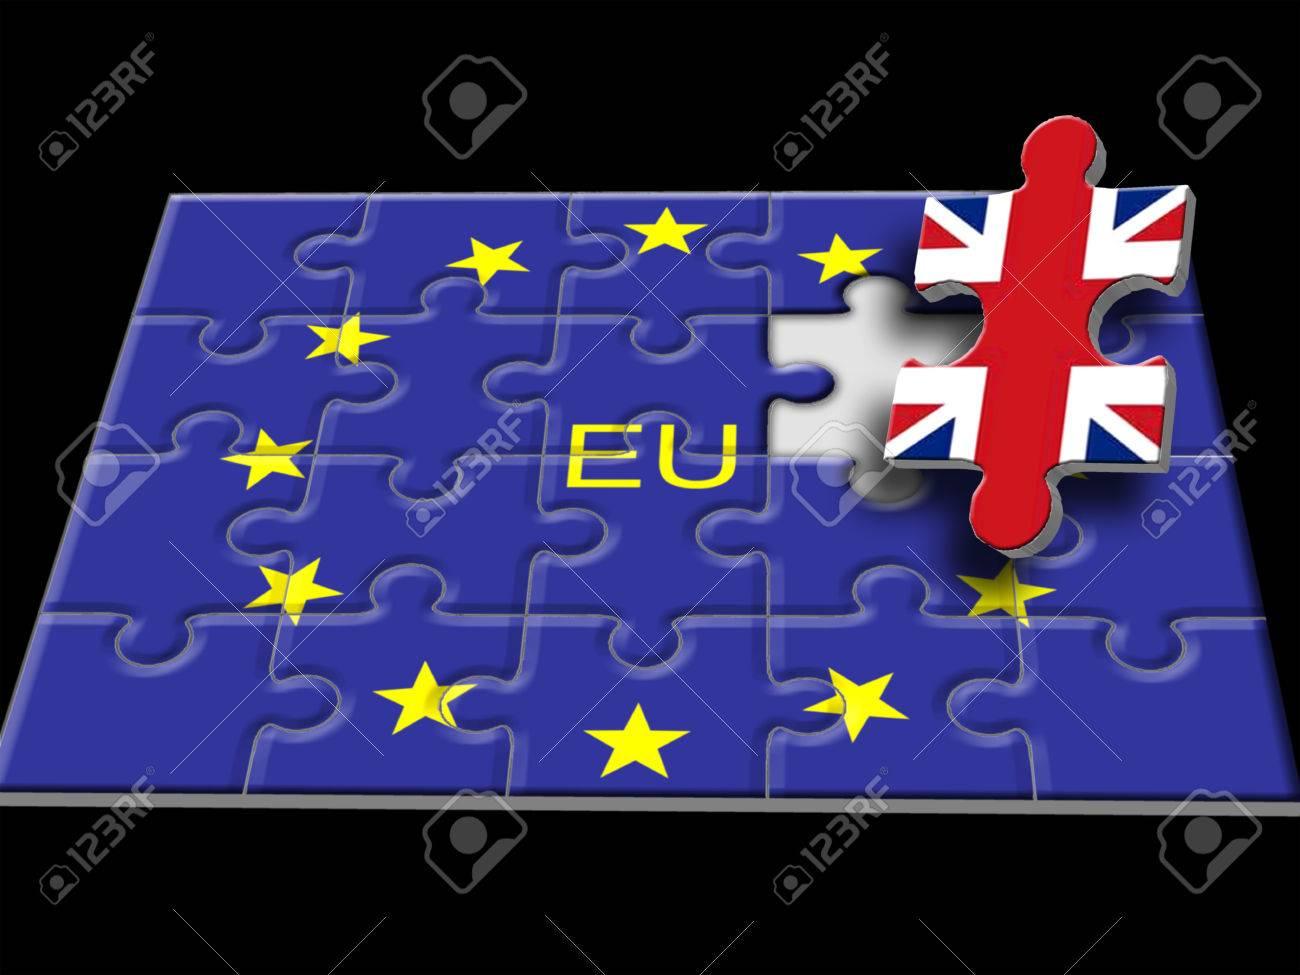 Jeu De Puzzle Composé Du Drapeau De L'union Européenne Avec Le Royaume-Uni  Comme Dernier Morceau à Jeux Union Européenne